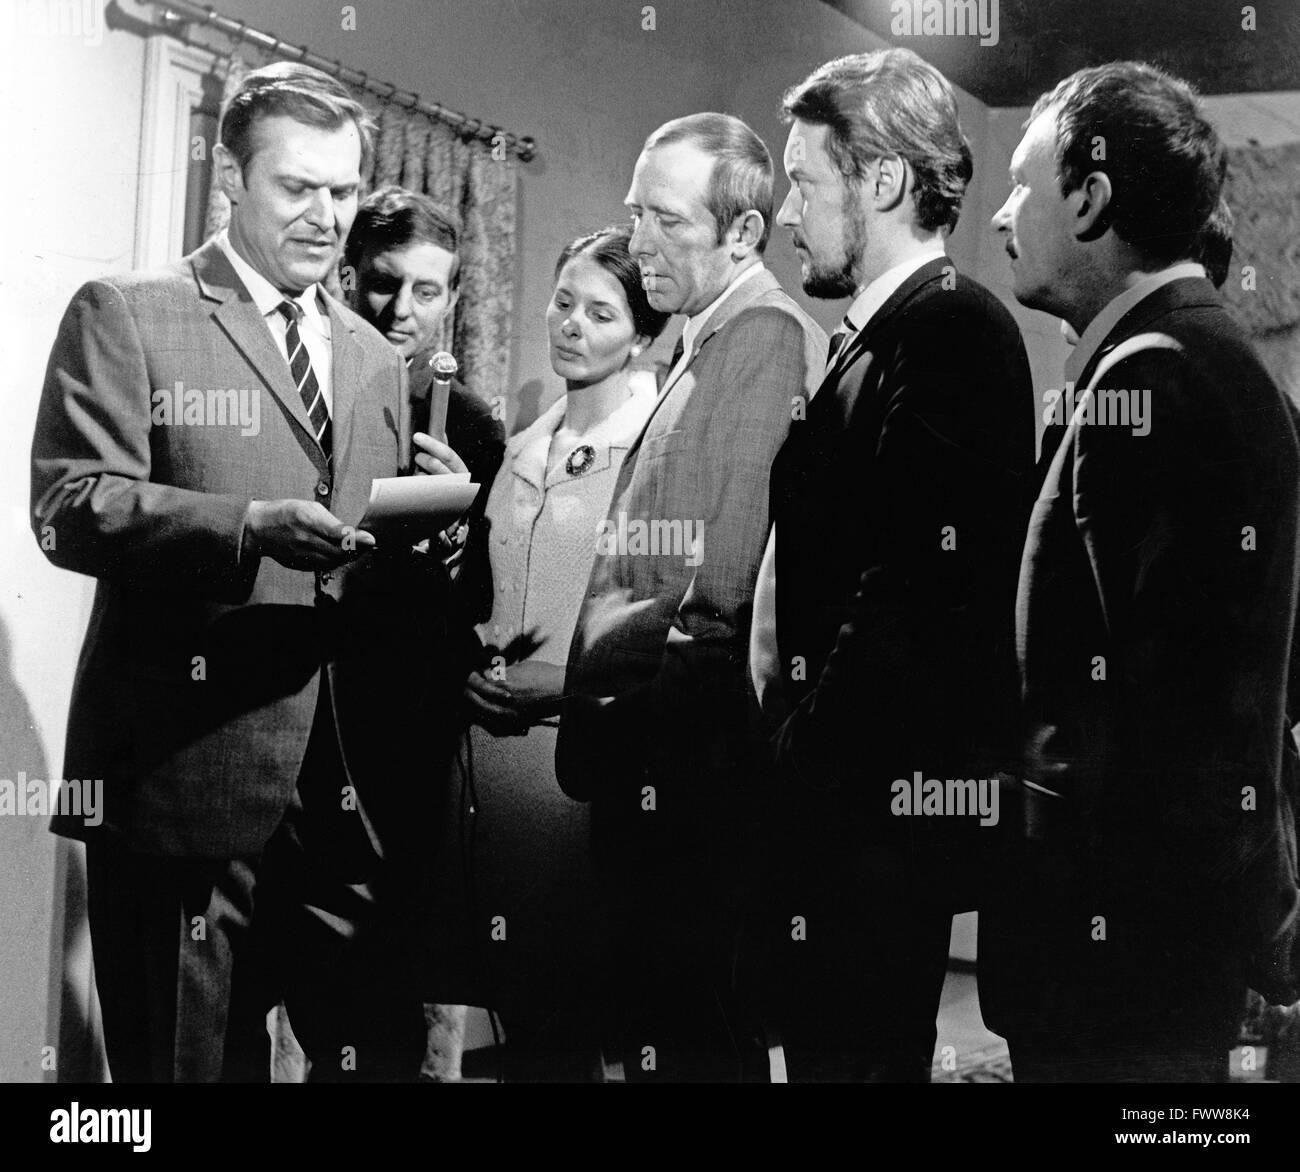 Nennen Sie mich Alex, Fernsehfilm, Deutschland 1969, Regie: Paul May, Darsteller: (v. l.) Heinz Weiss, Harald Eggers, - Stock Image